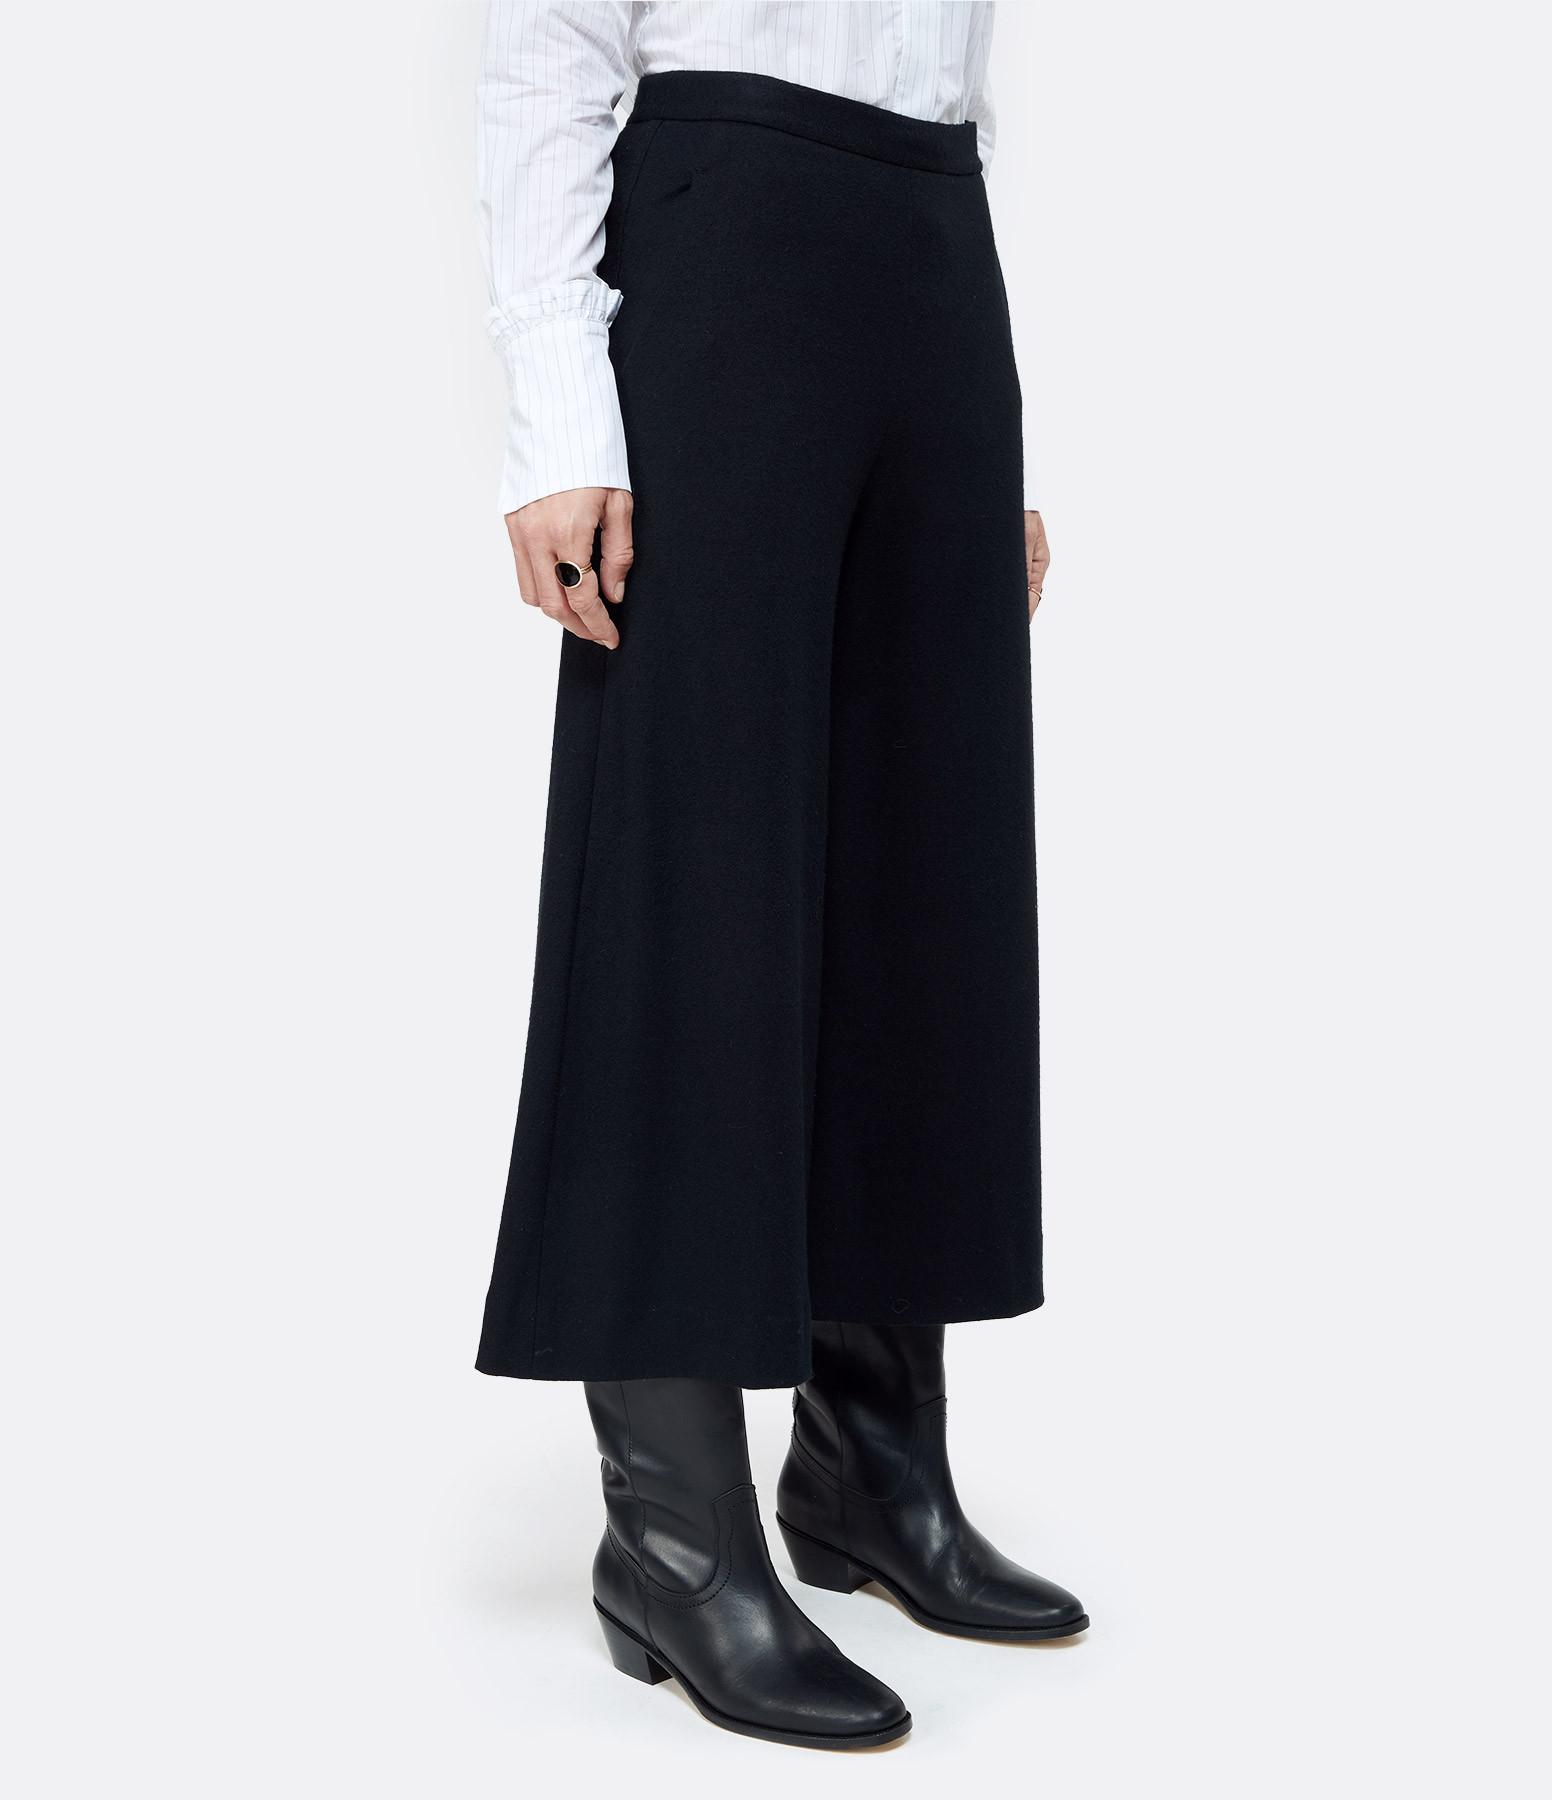 VINCE - Jupe Culotte Noir